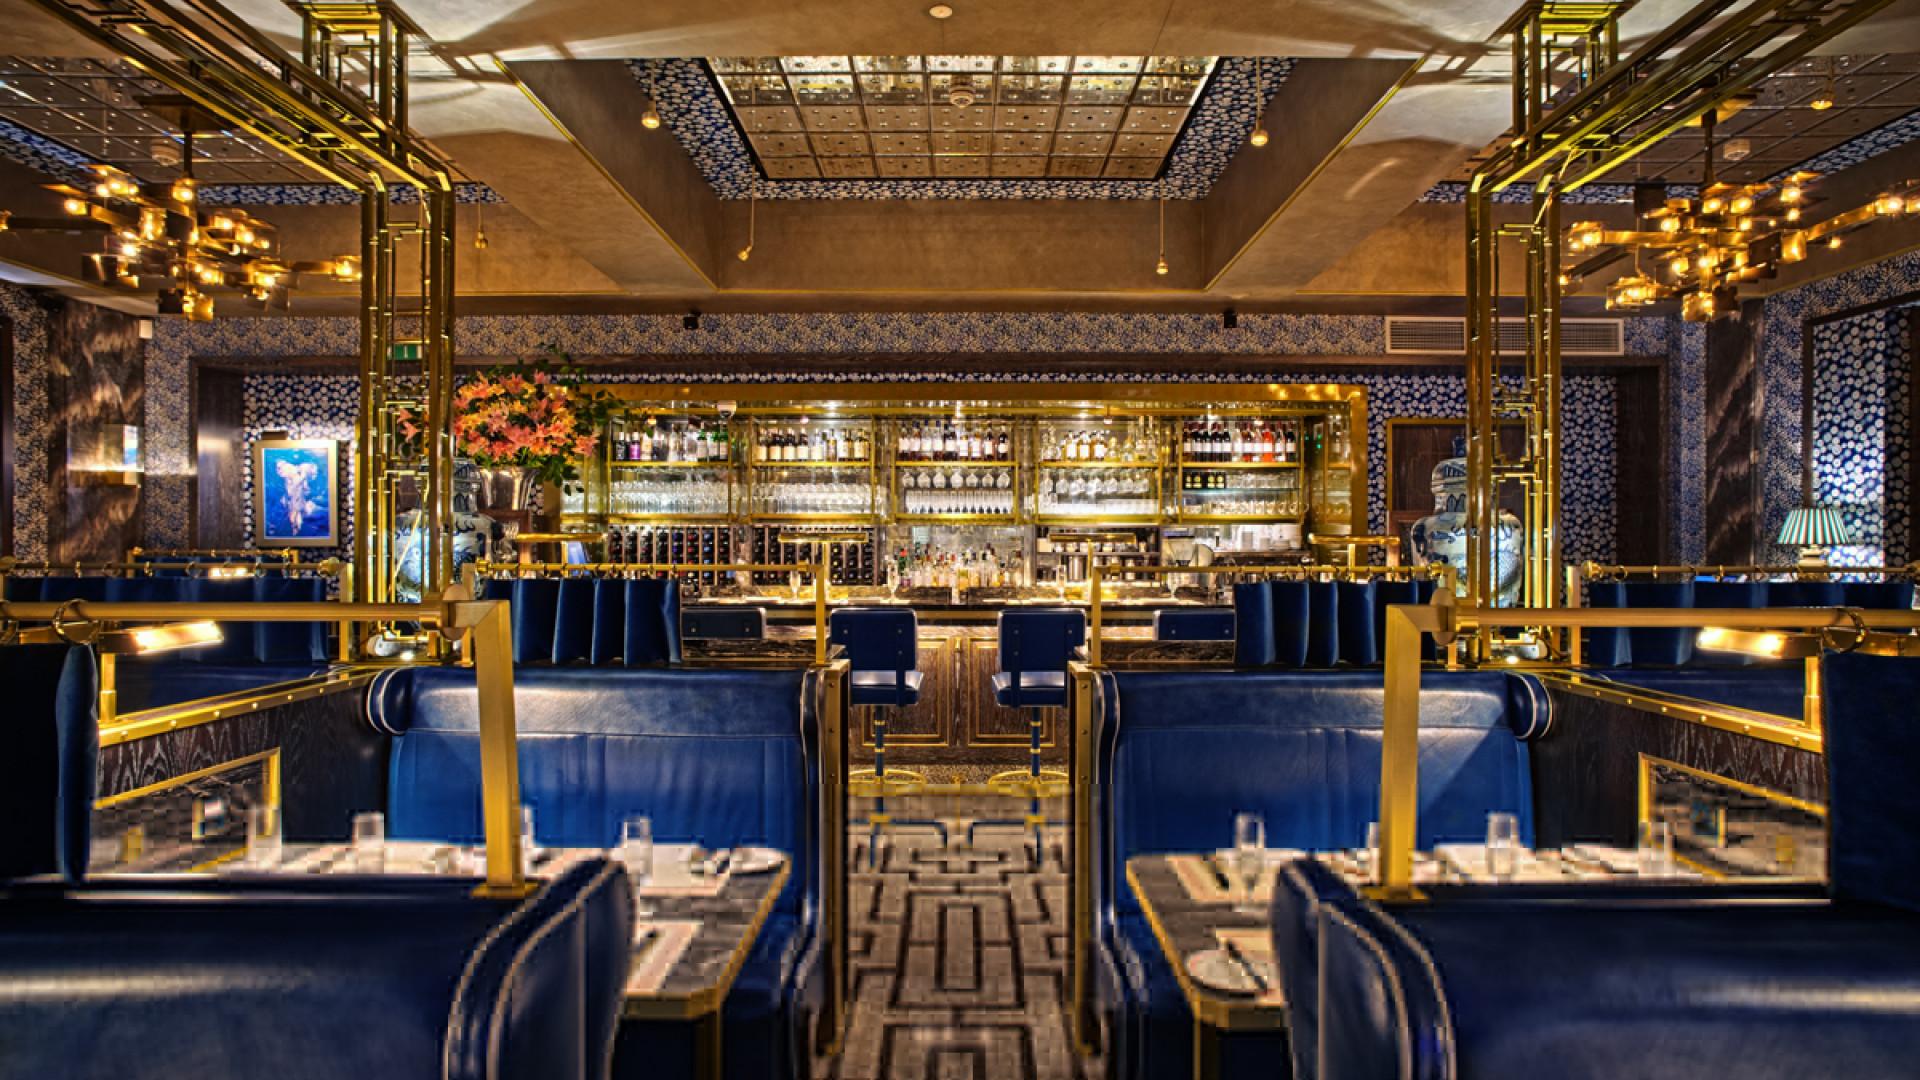 The food and interiors at Bob Bob Ricard in Soho